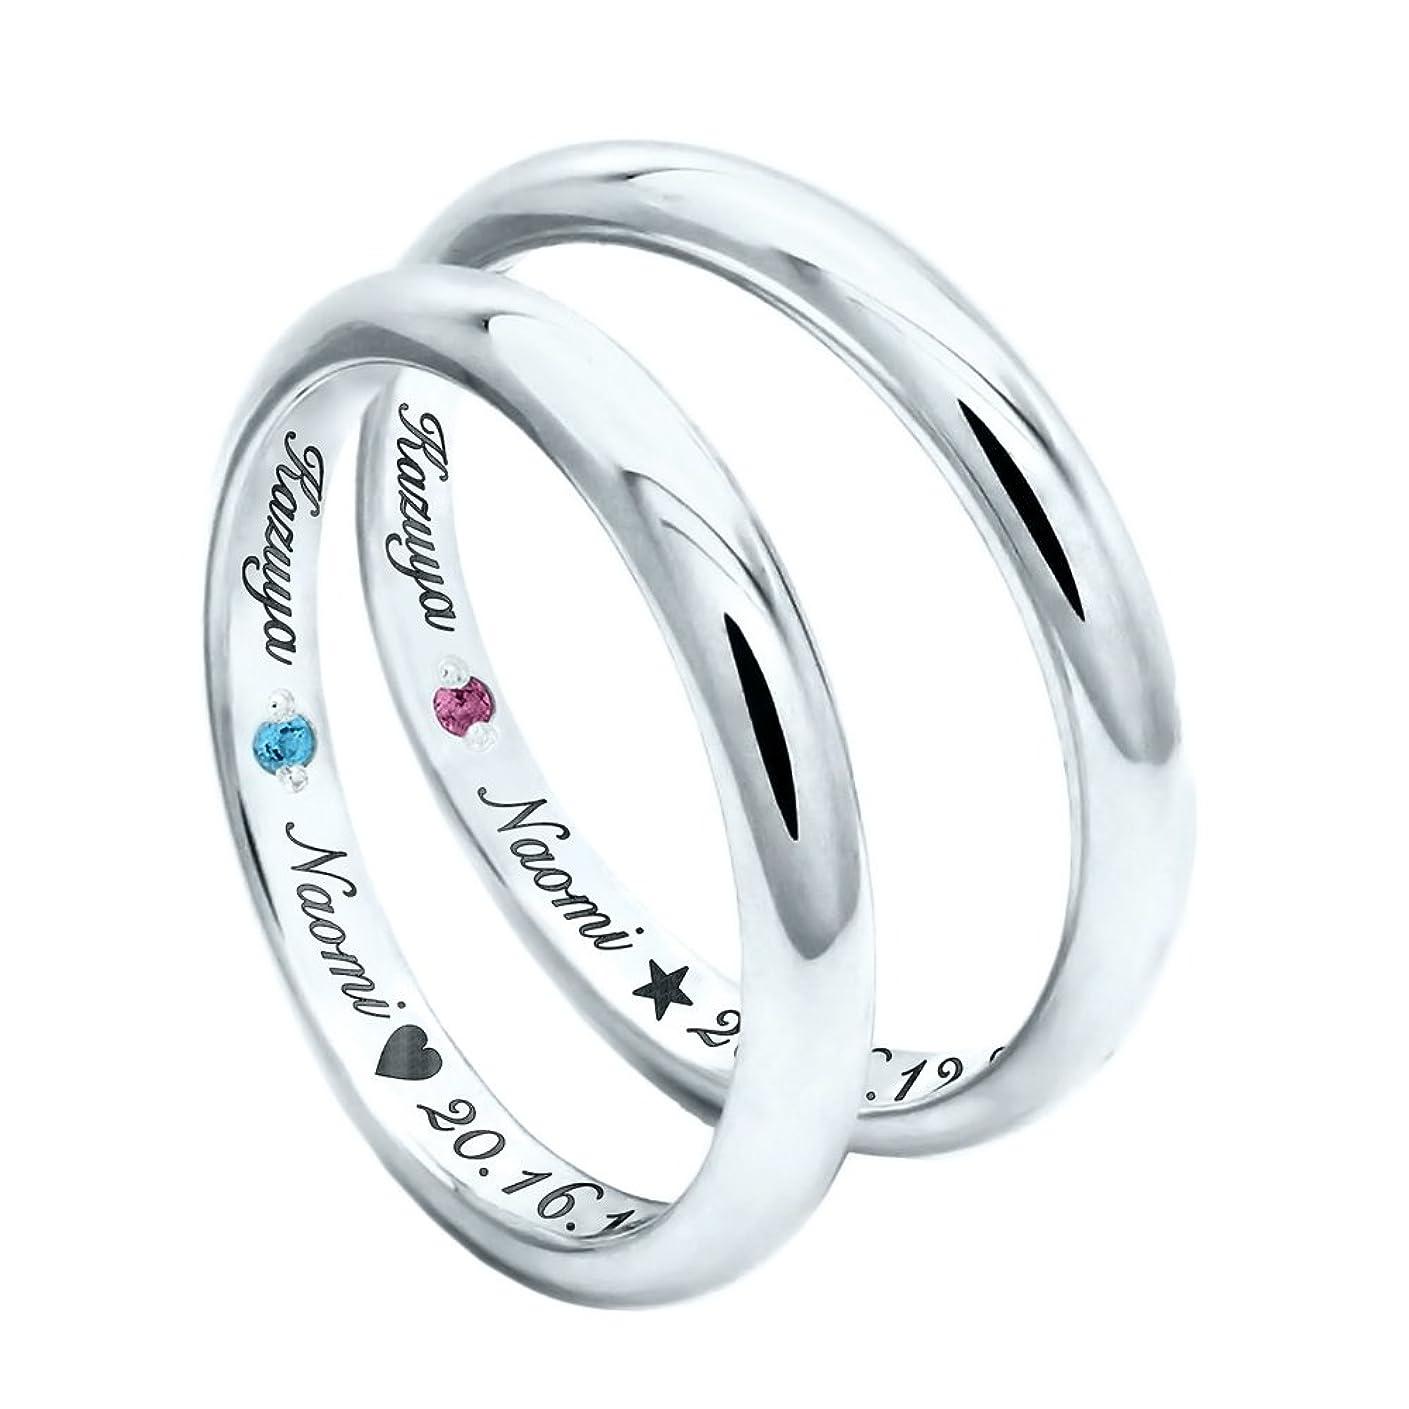 意図的まともなアセORAZIO[オラジオ]【5点セット】トーリング レディース 可愛い デザイン 足指輪 リング シンプル 夏 流行り アクセサリー フリーサイズ 手足両用可